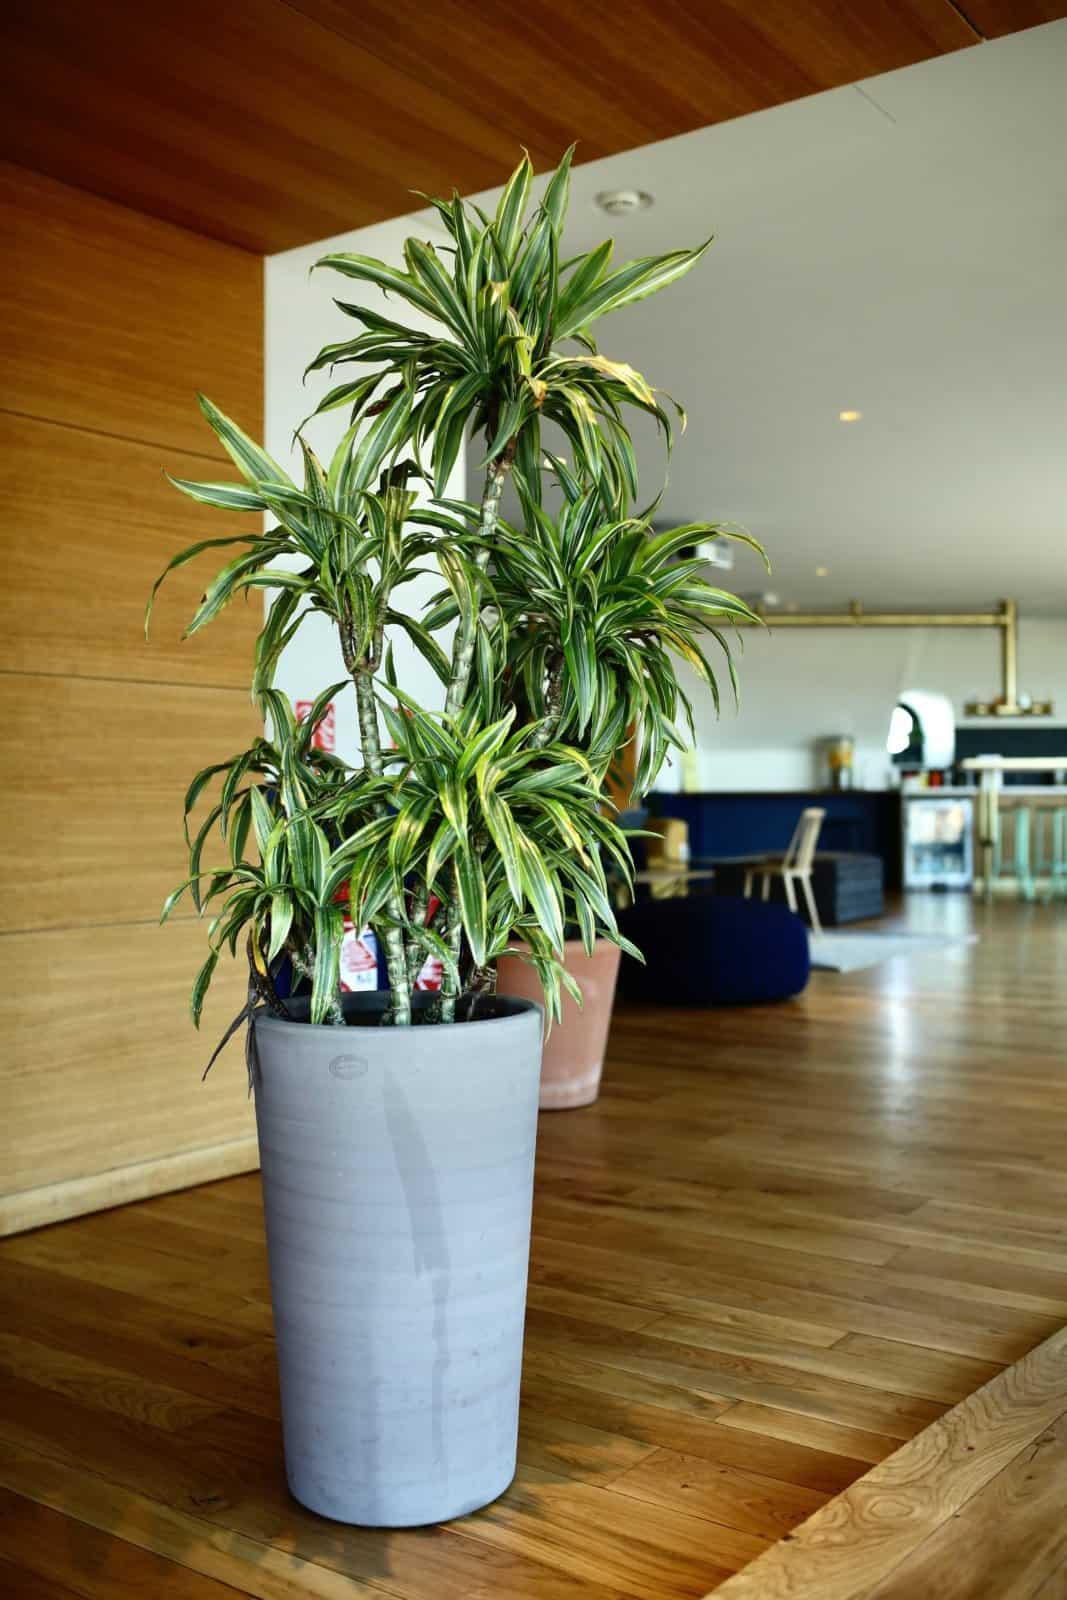 Location de plantes pour les bureaux de votre entreprise